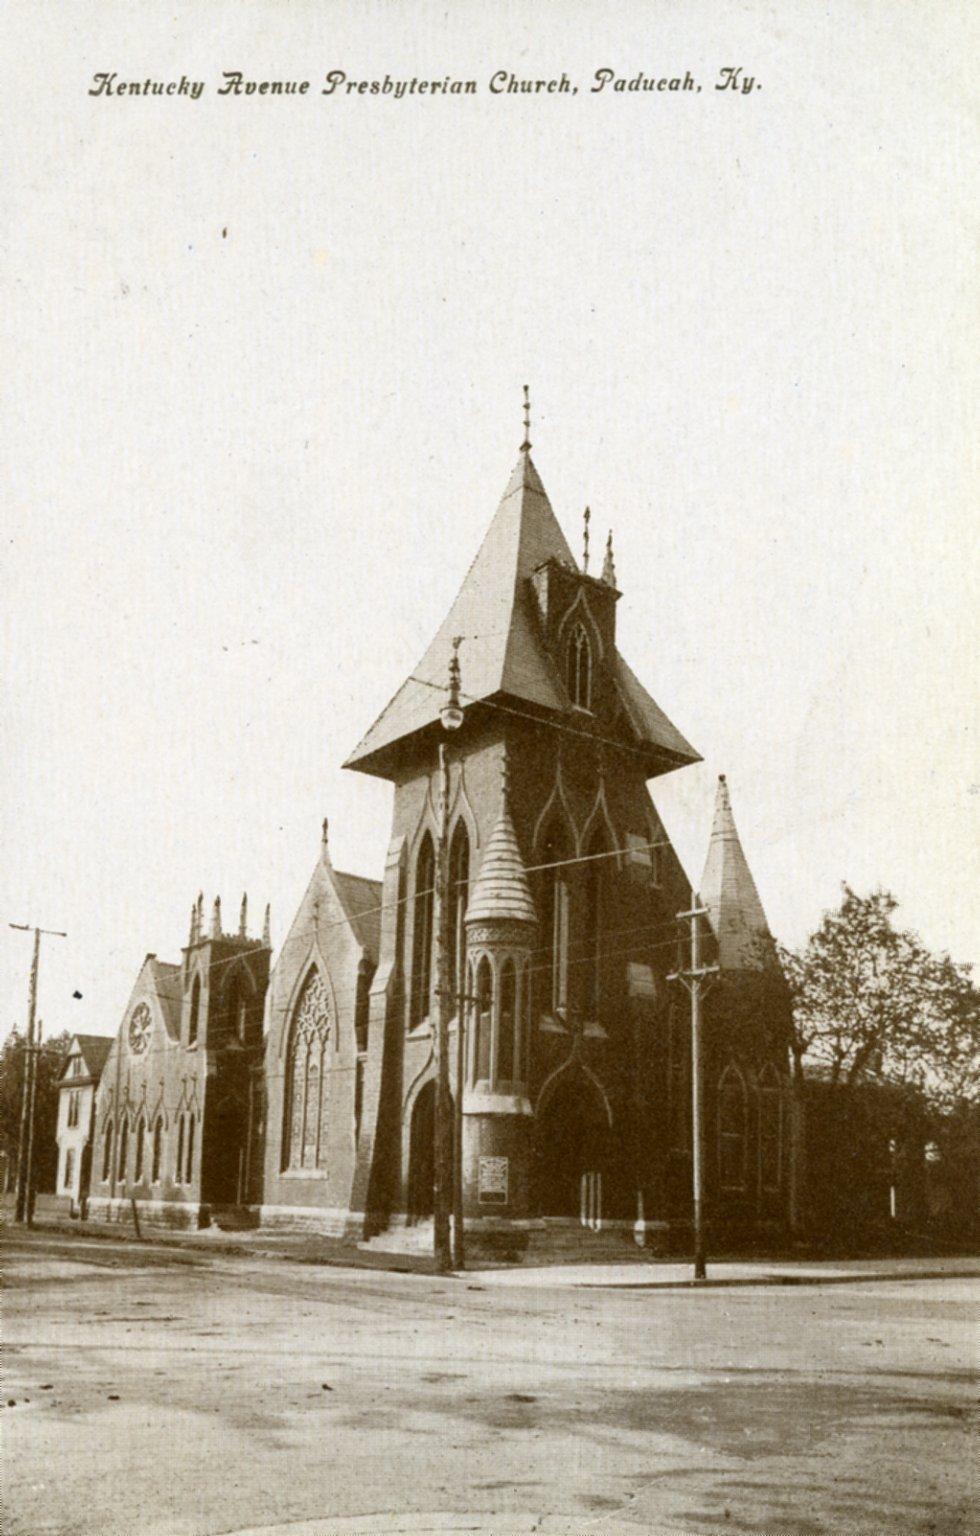 Kentucky Ave Presbyterian Church, Paducah, Ky.